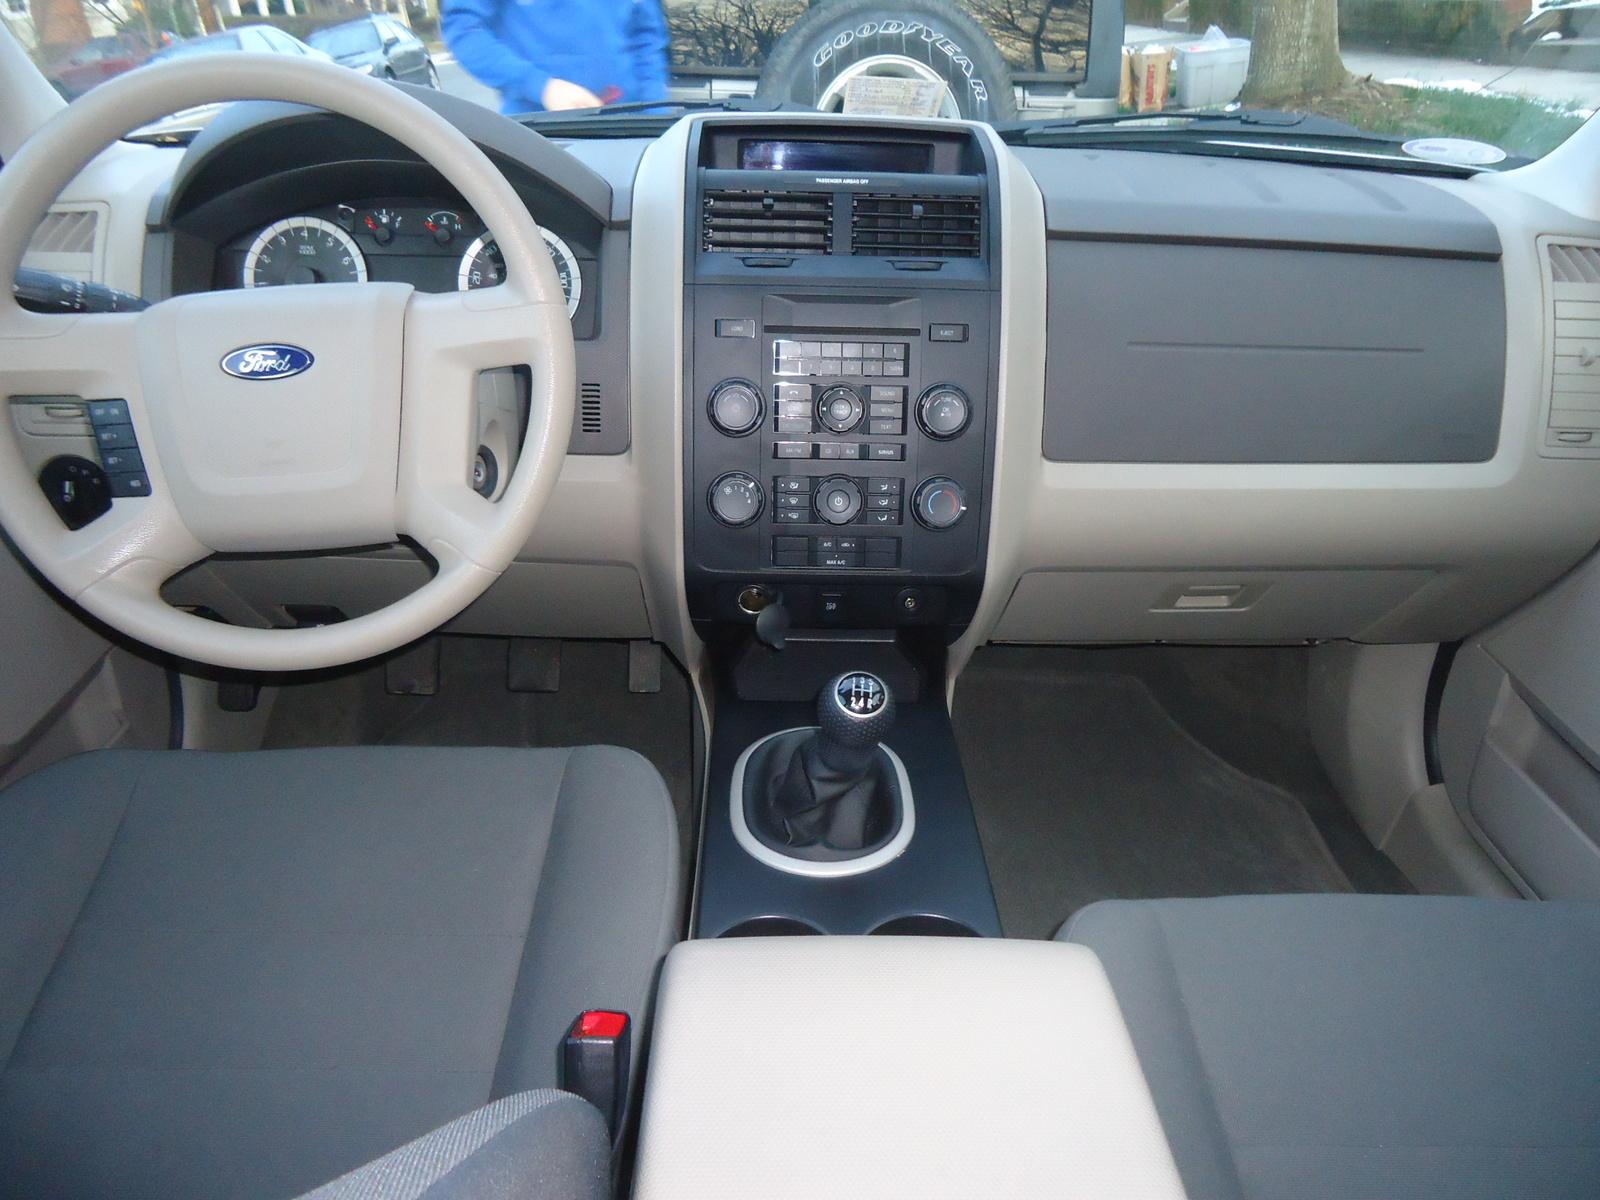 2011 Ford Escape Interior Dimensions